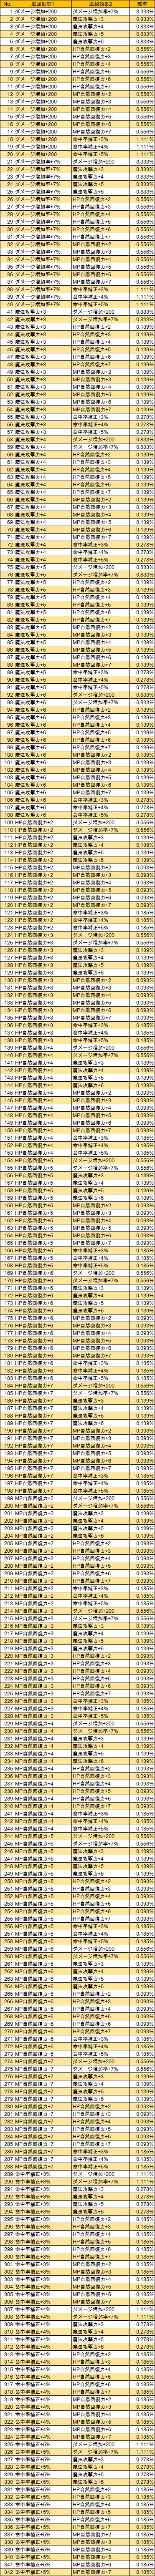 T3-2 T-知力(LV285)